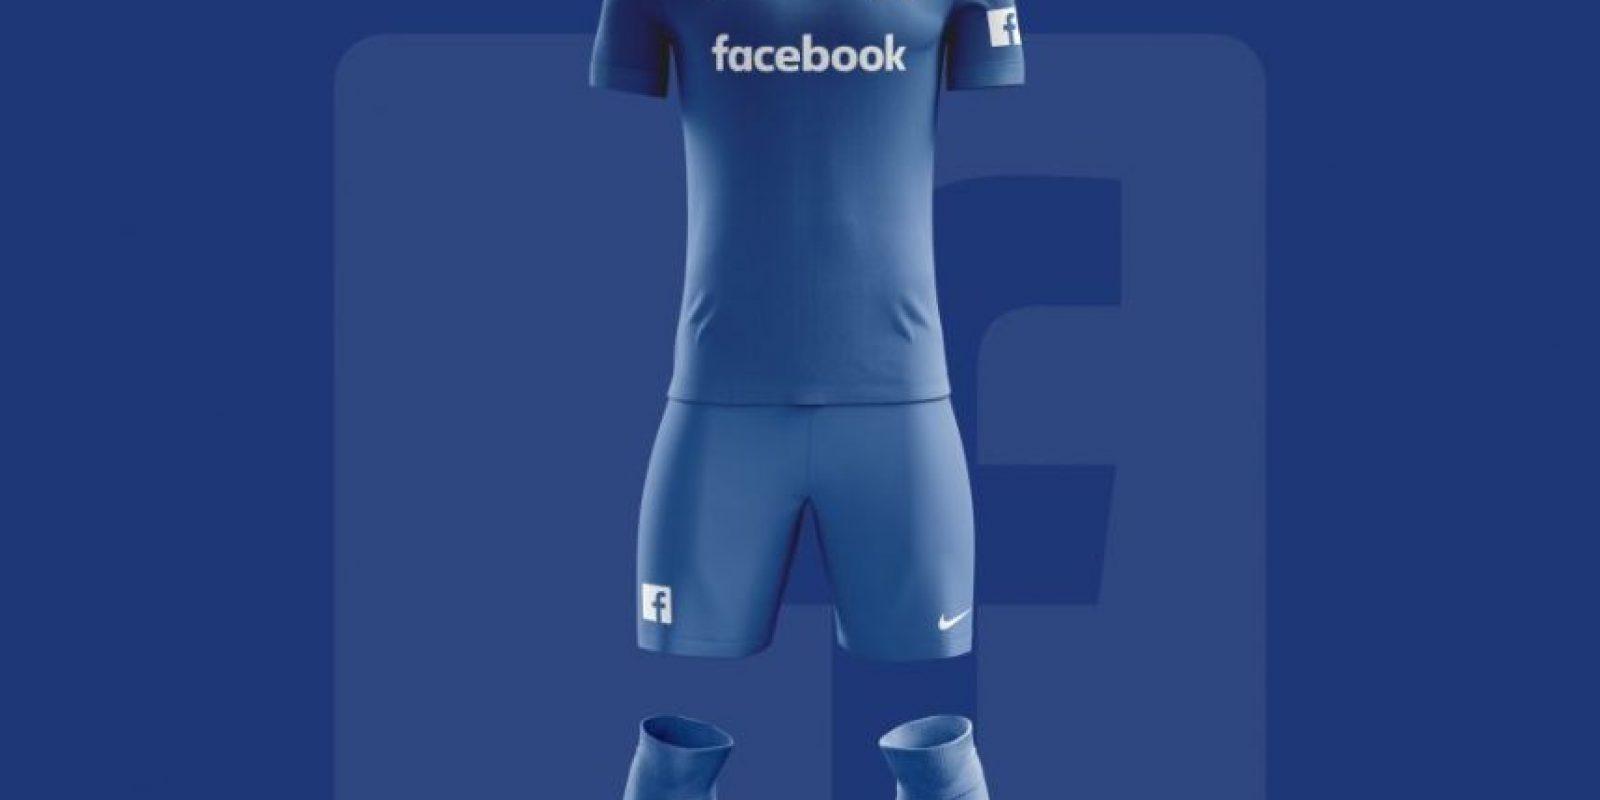 Facebook FC